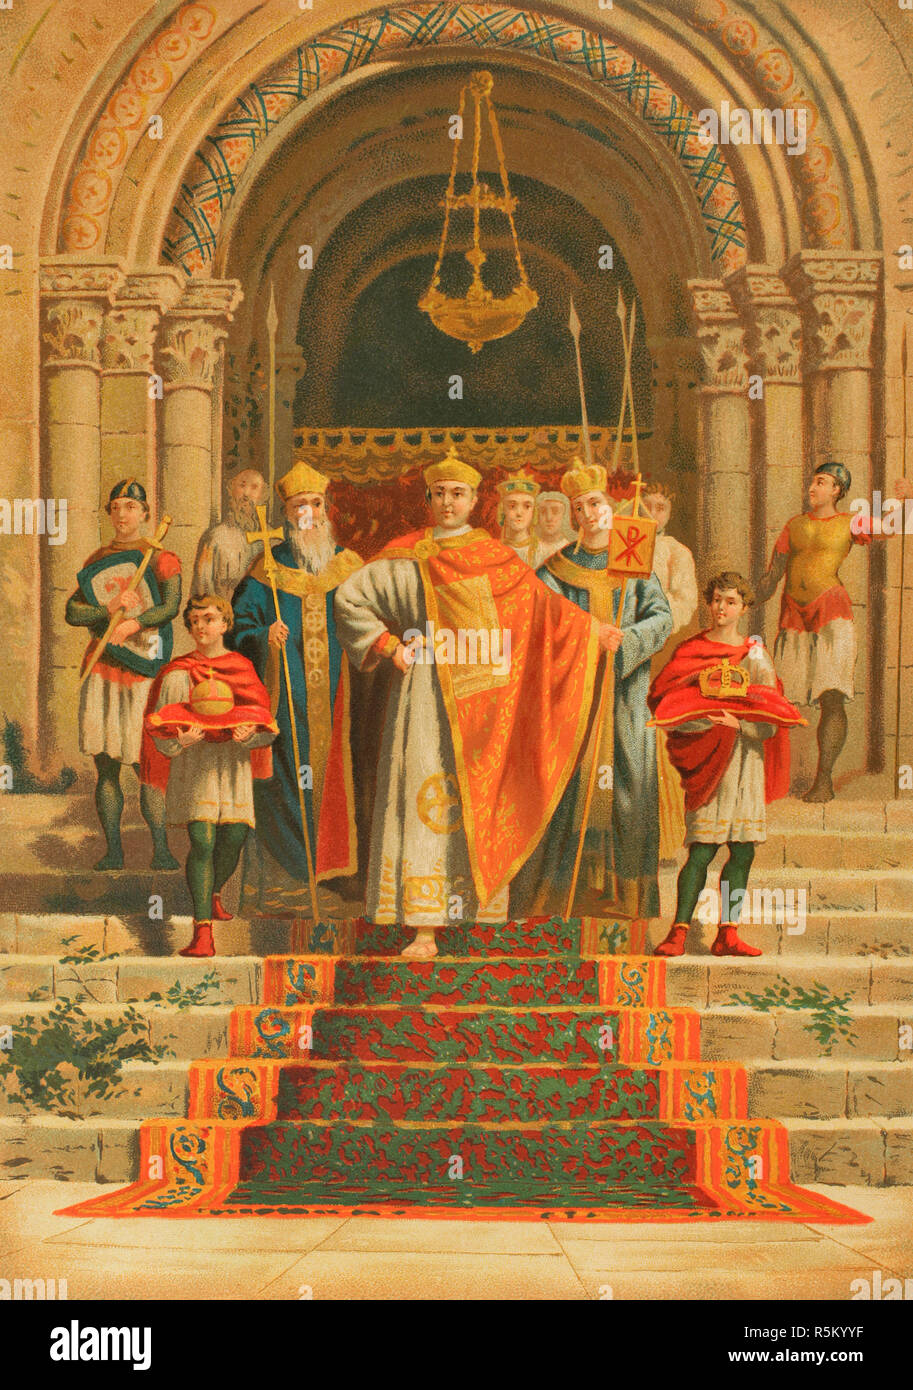 Arcadius (377-408). L'Est de l'empereur romain de 395 à 408. Arcadius apparaître en public. Lithography. La Civilizacion (la civilisation), volume III, 1882. Banque D'Images